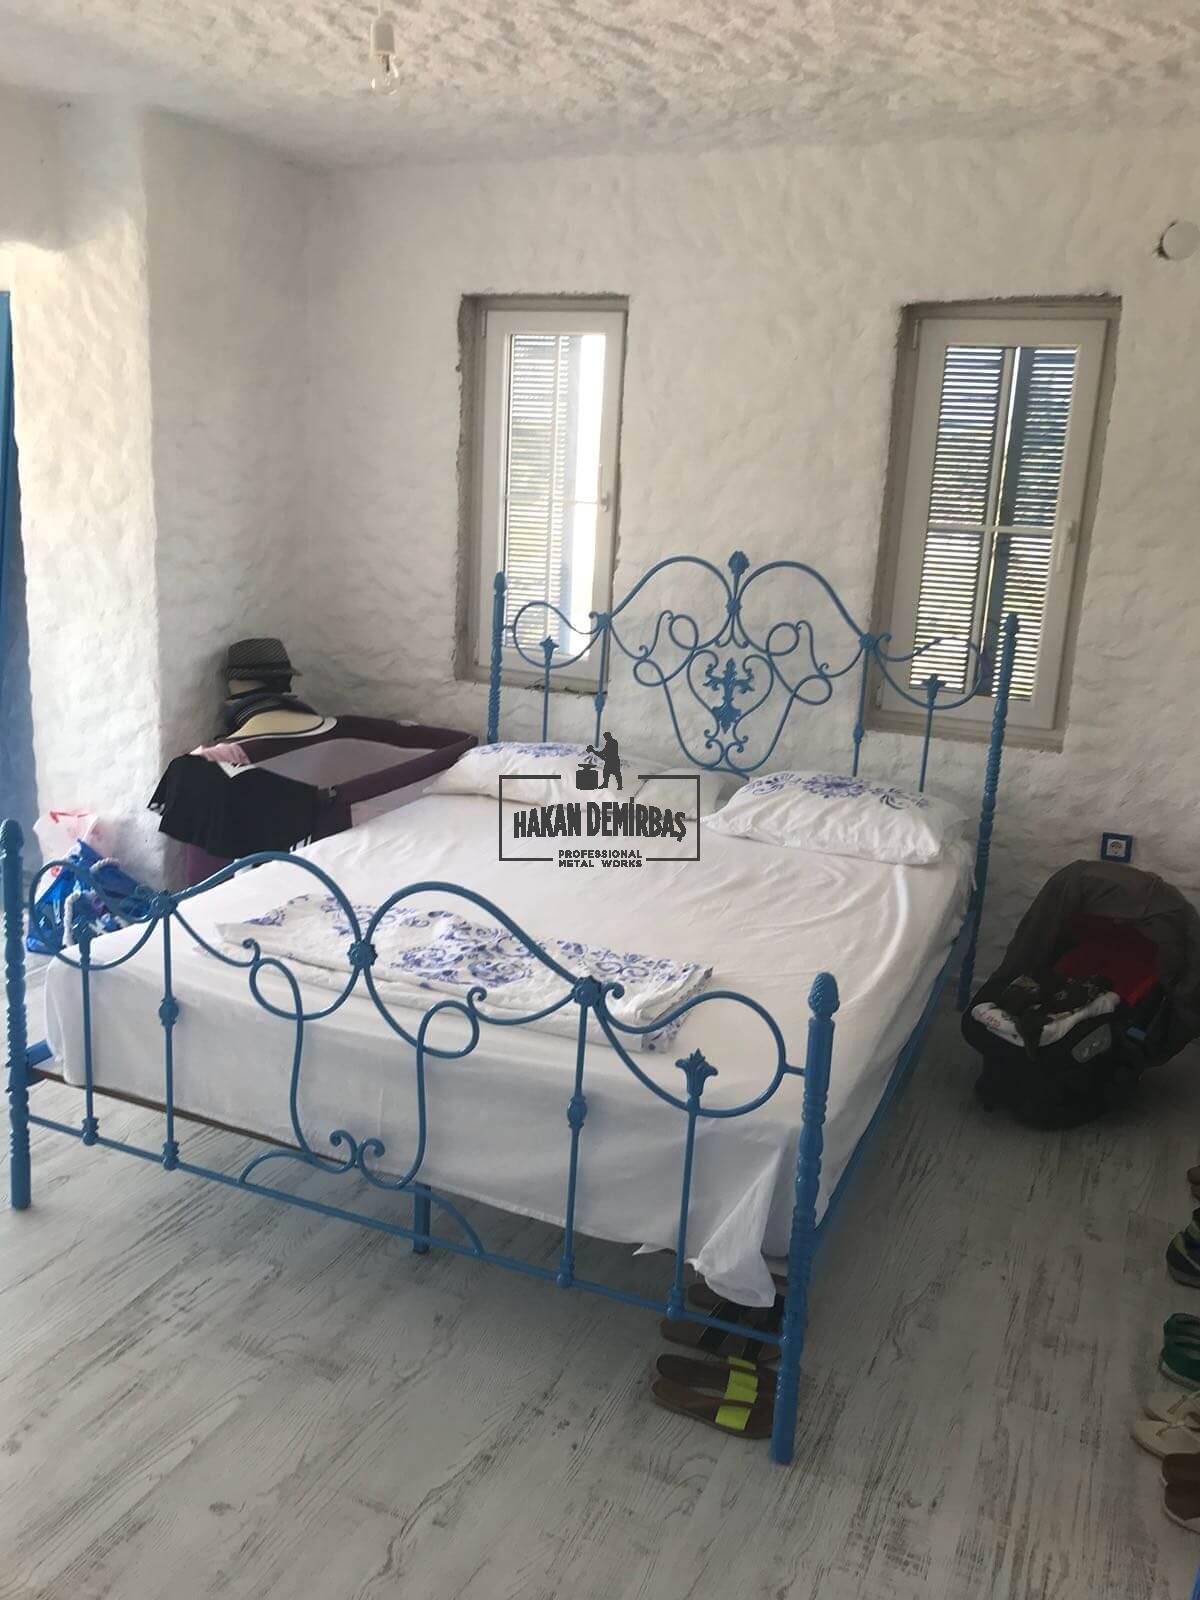 Hakan Demirbaş ın tasarladığı tek kişilik mavi ferforje yatak modelinin farklı bir modeli olarak uyarlanmıştır.